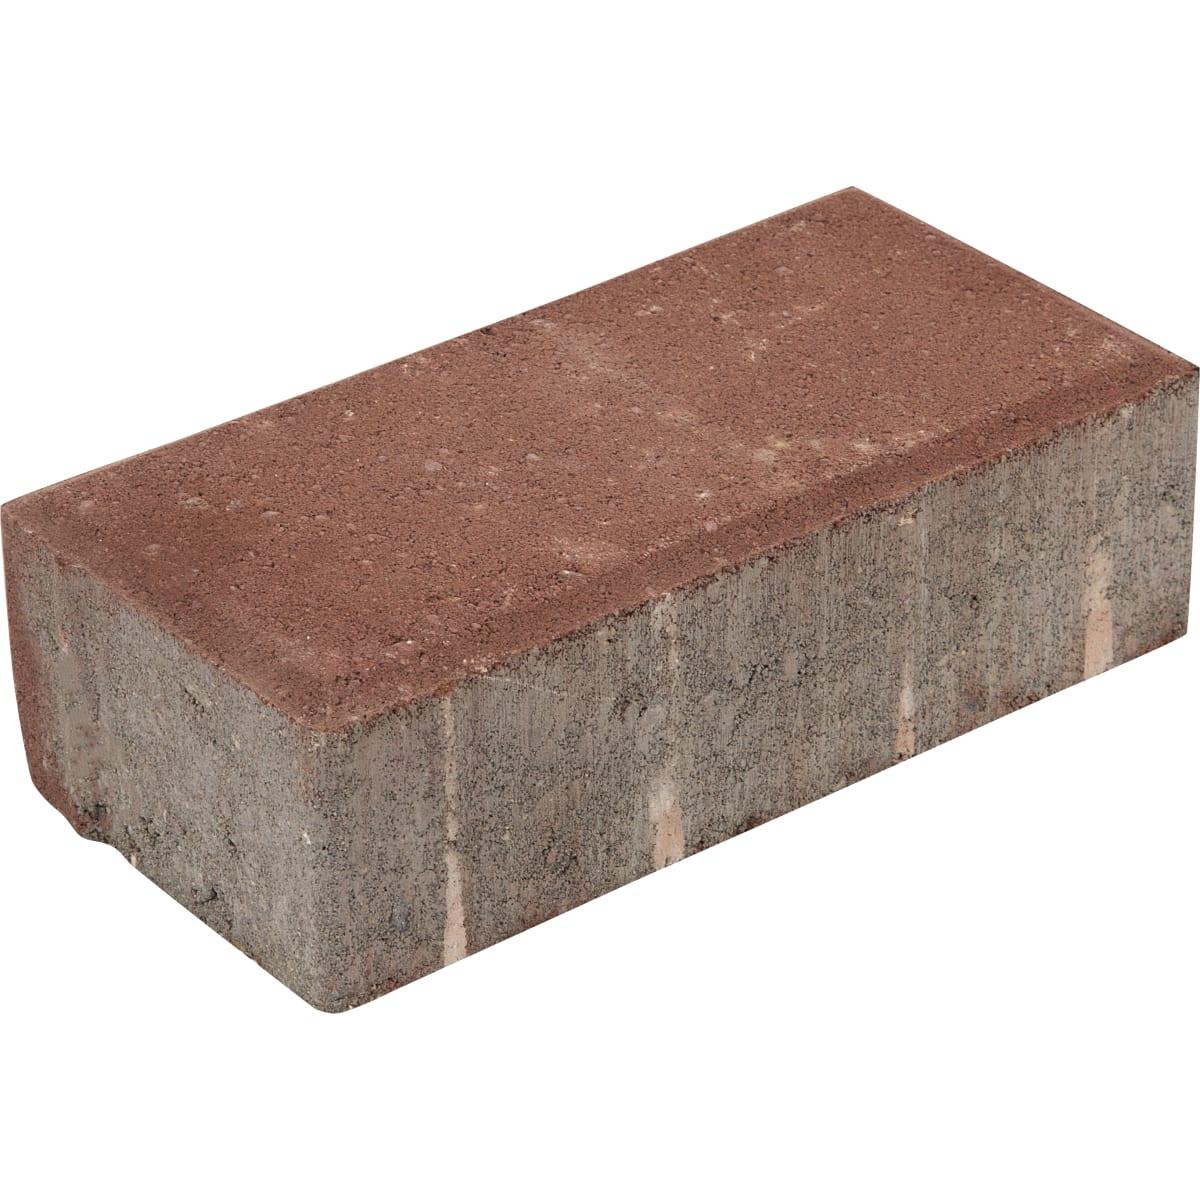 Плитка тротуарная прямоугольная Braer 200х100x60 мм цвет красный